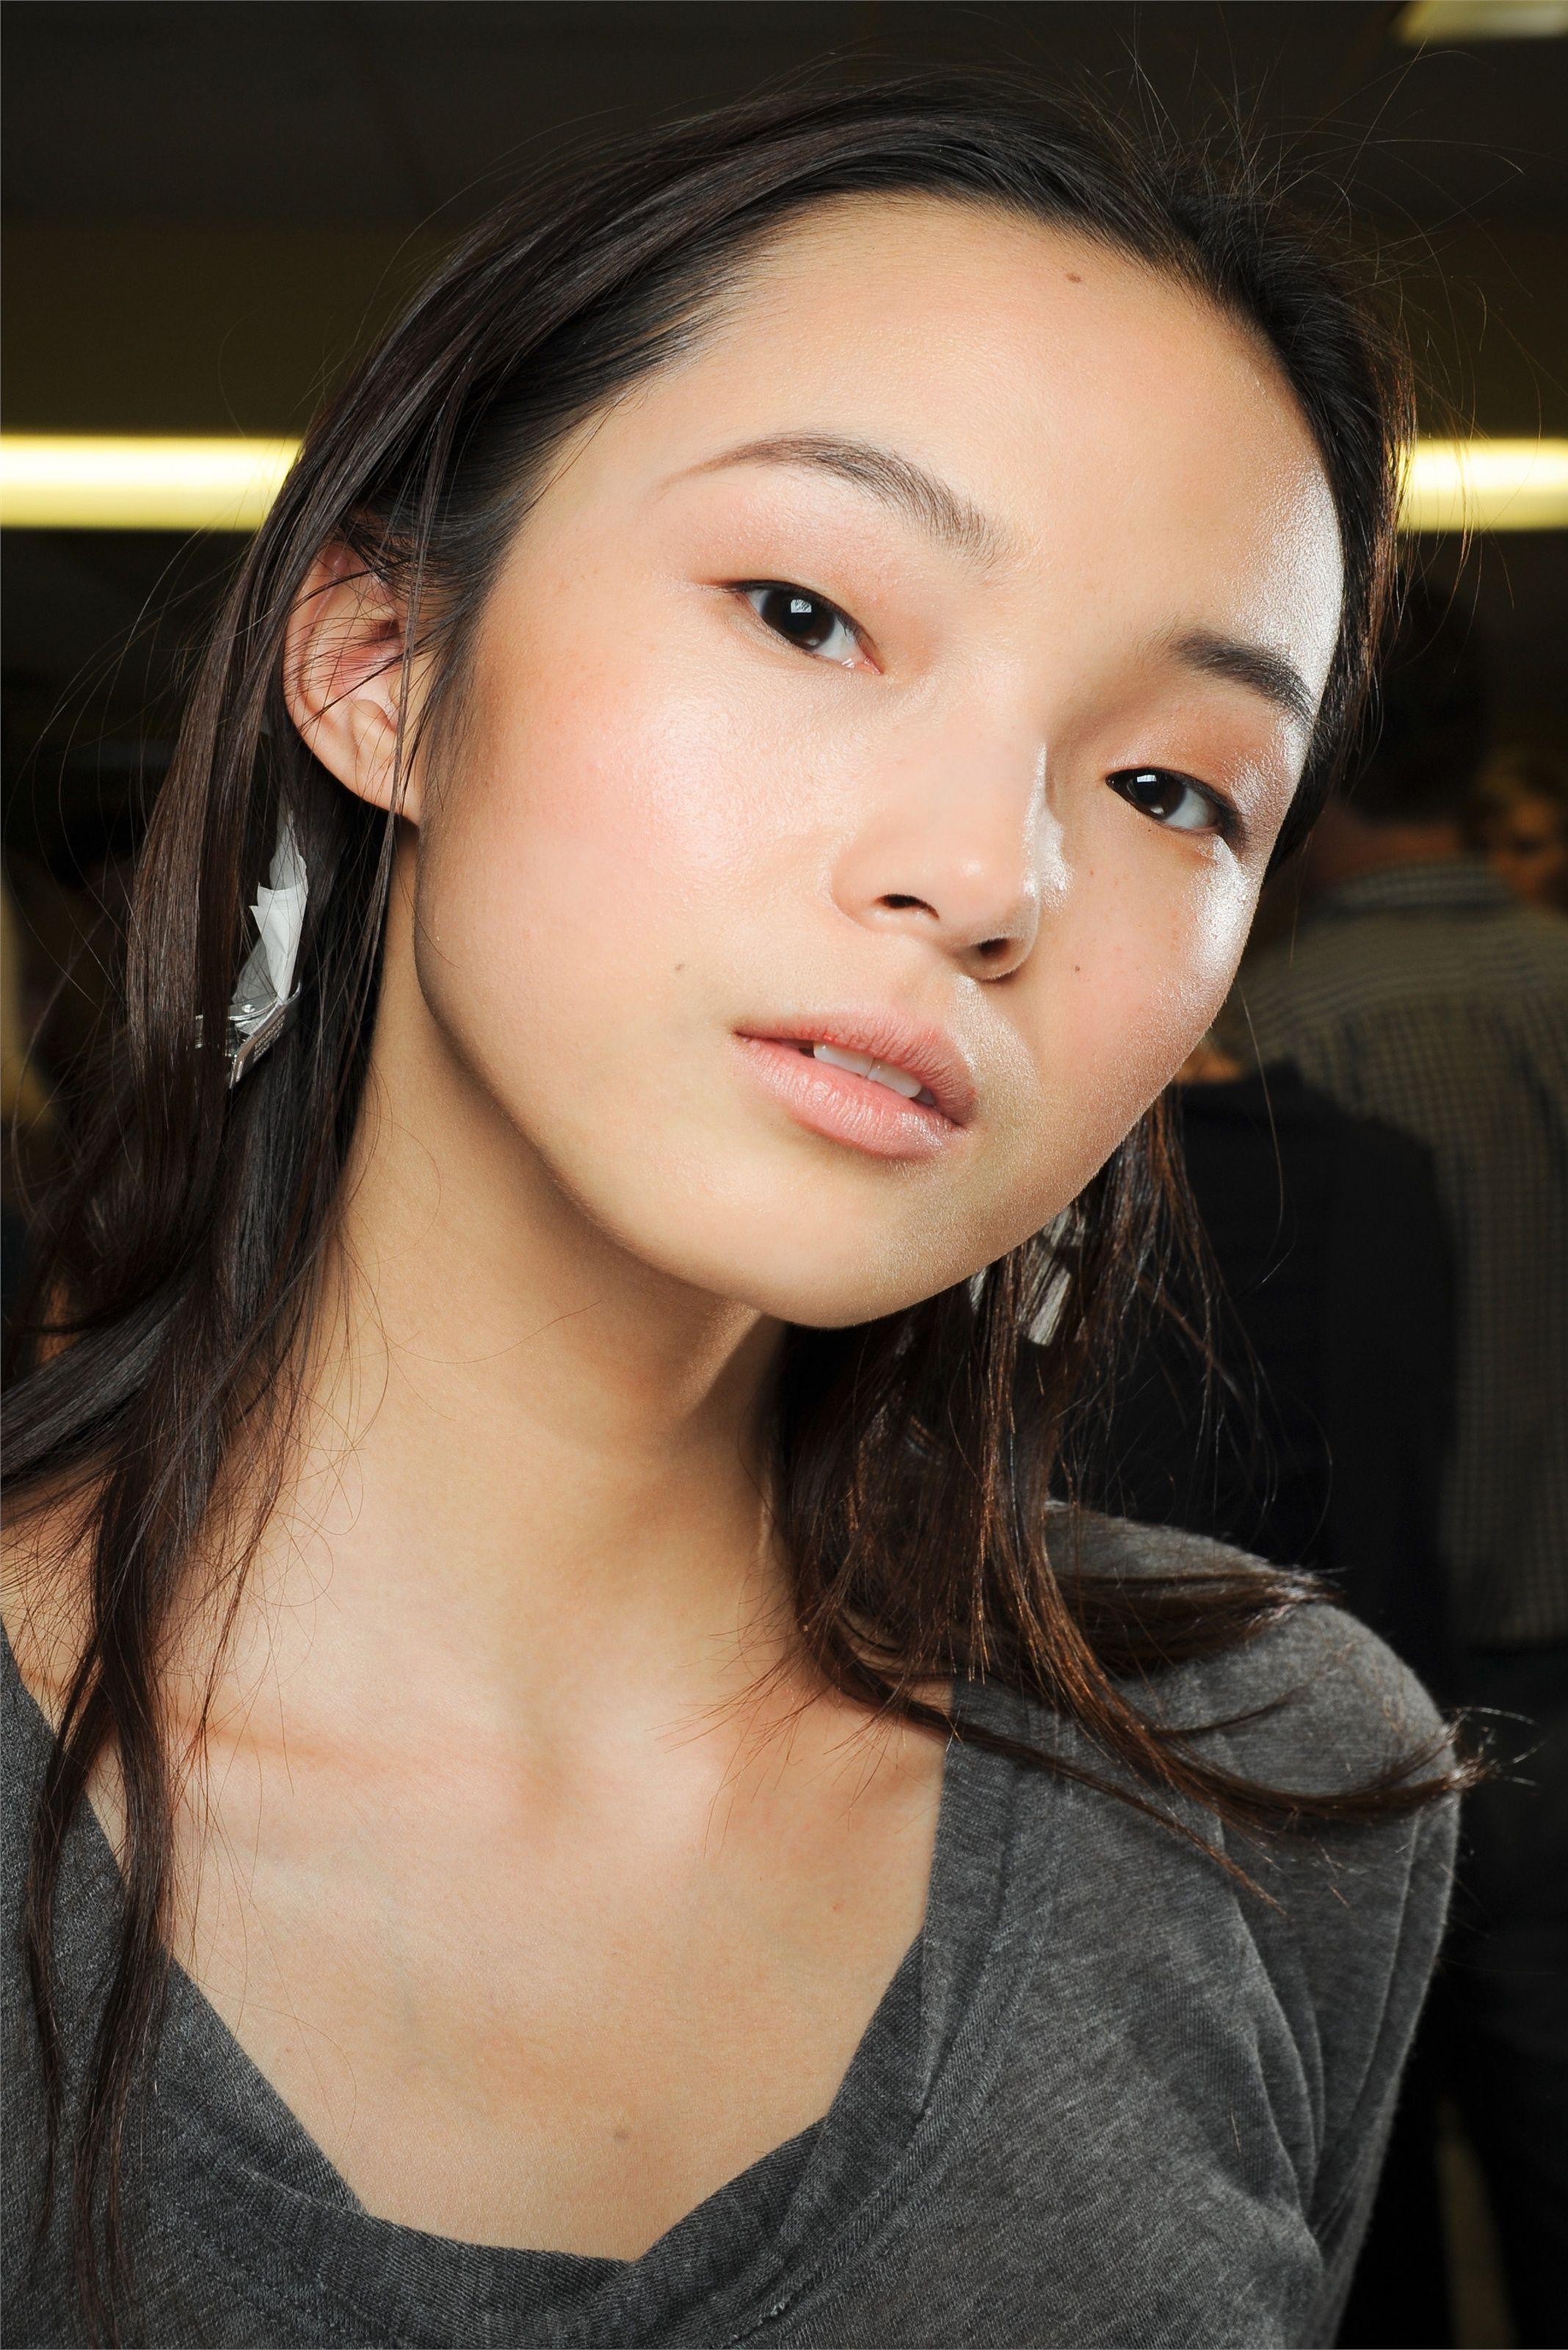 Chinese model xiao jun